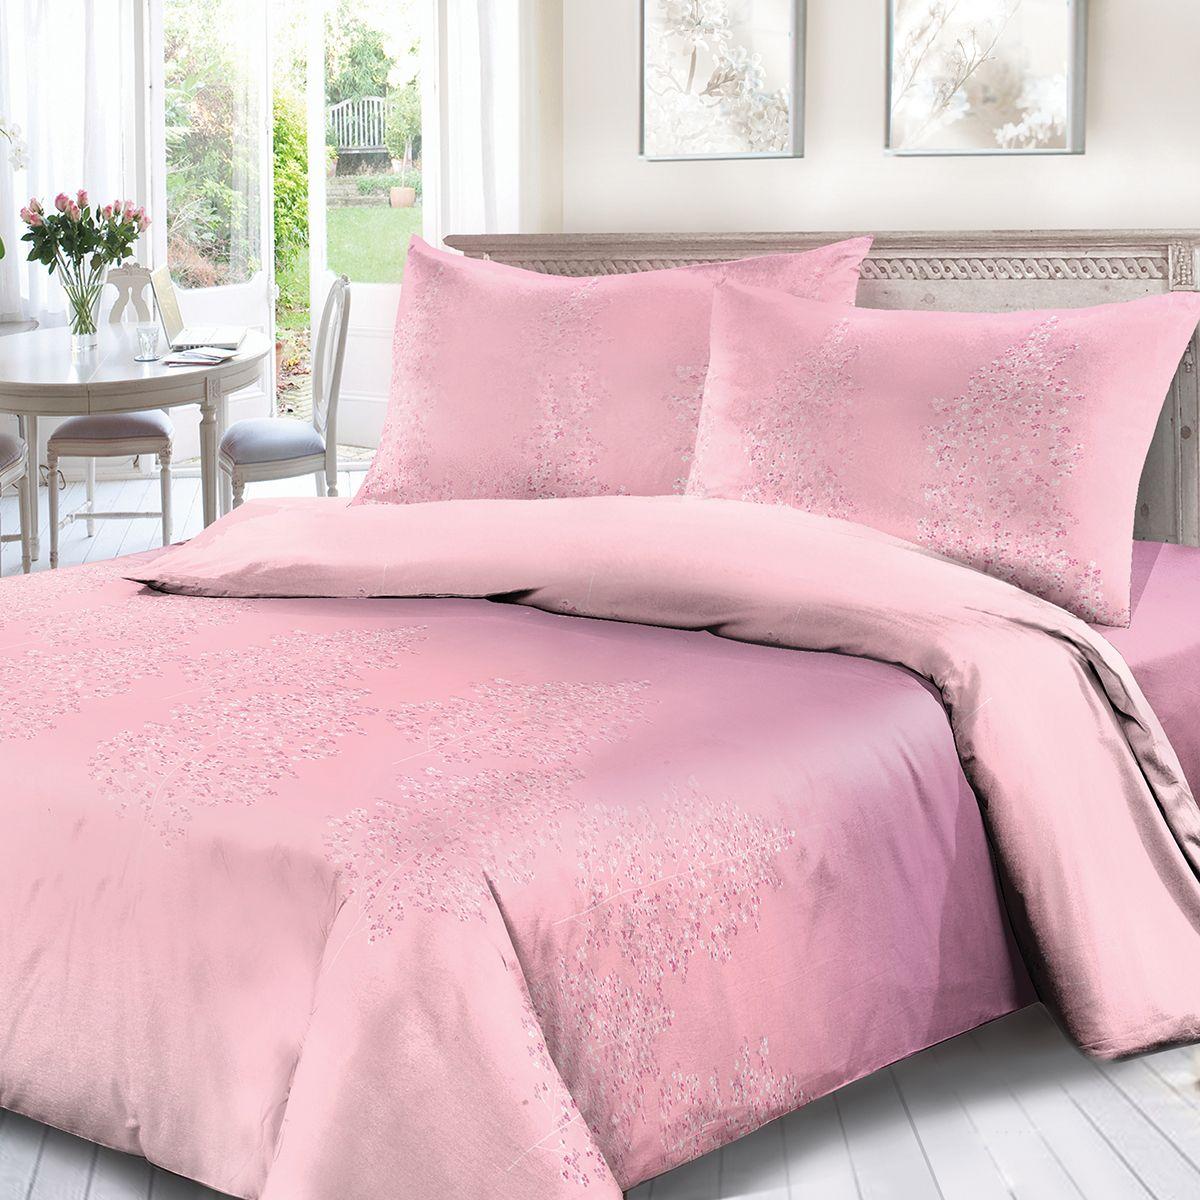 Комплект белья Сорренто Аврора, евро, наволочки 70x70, цвет: розовый. 1500-189080